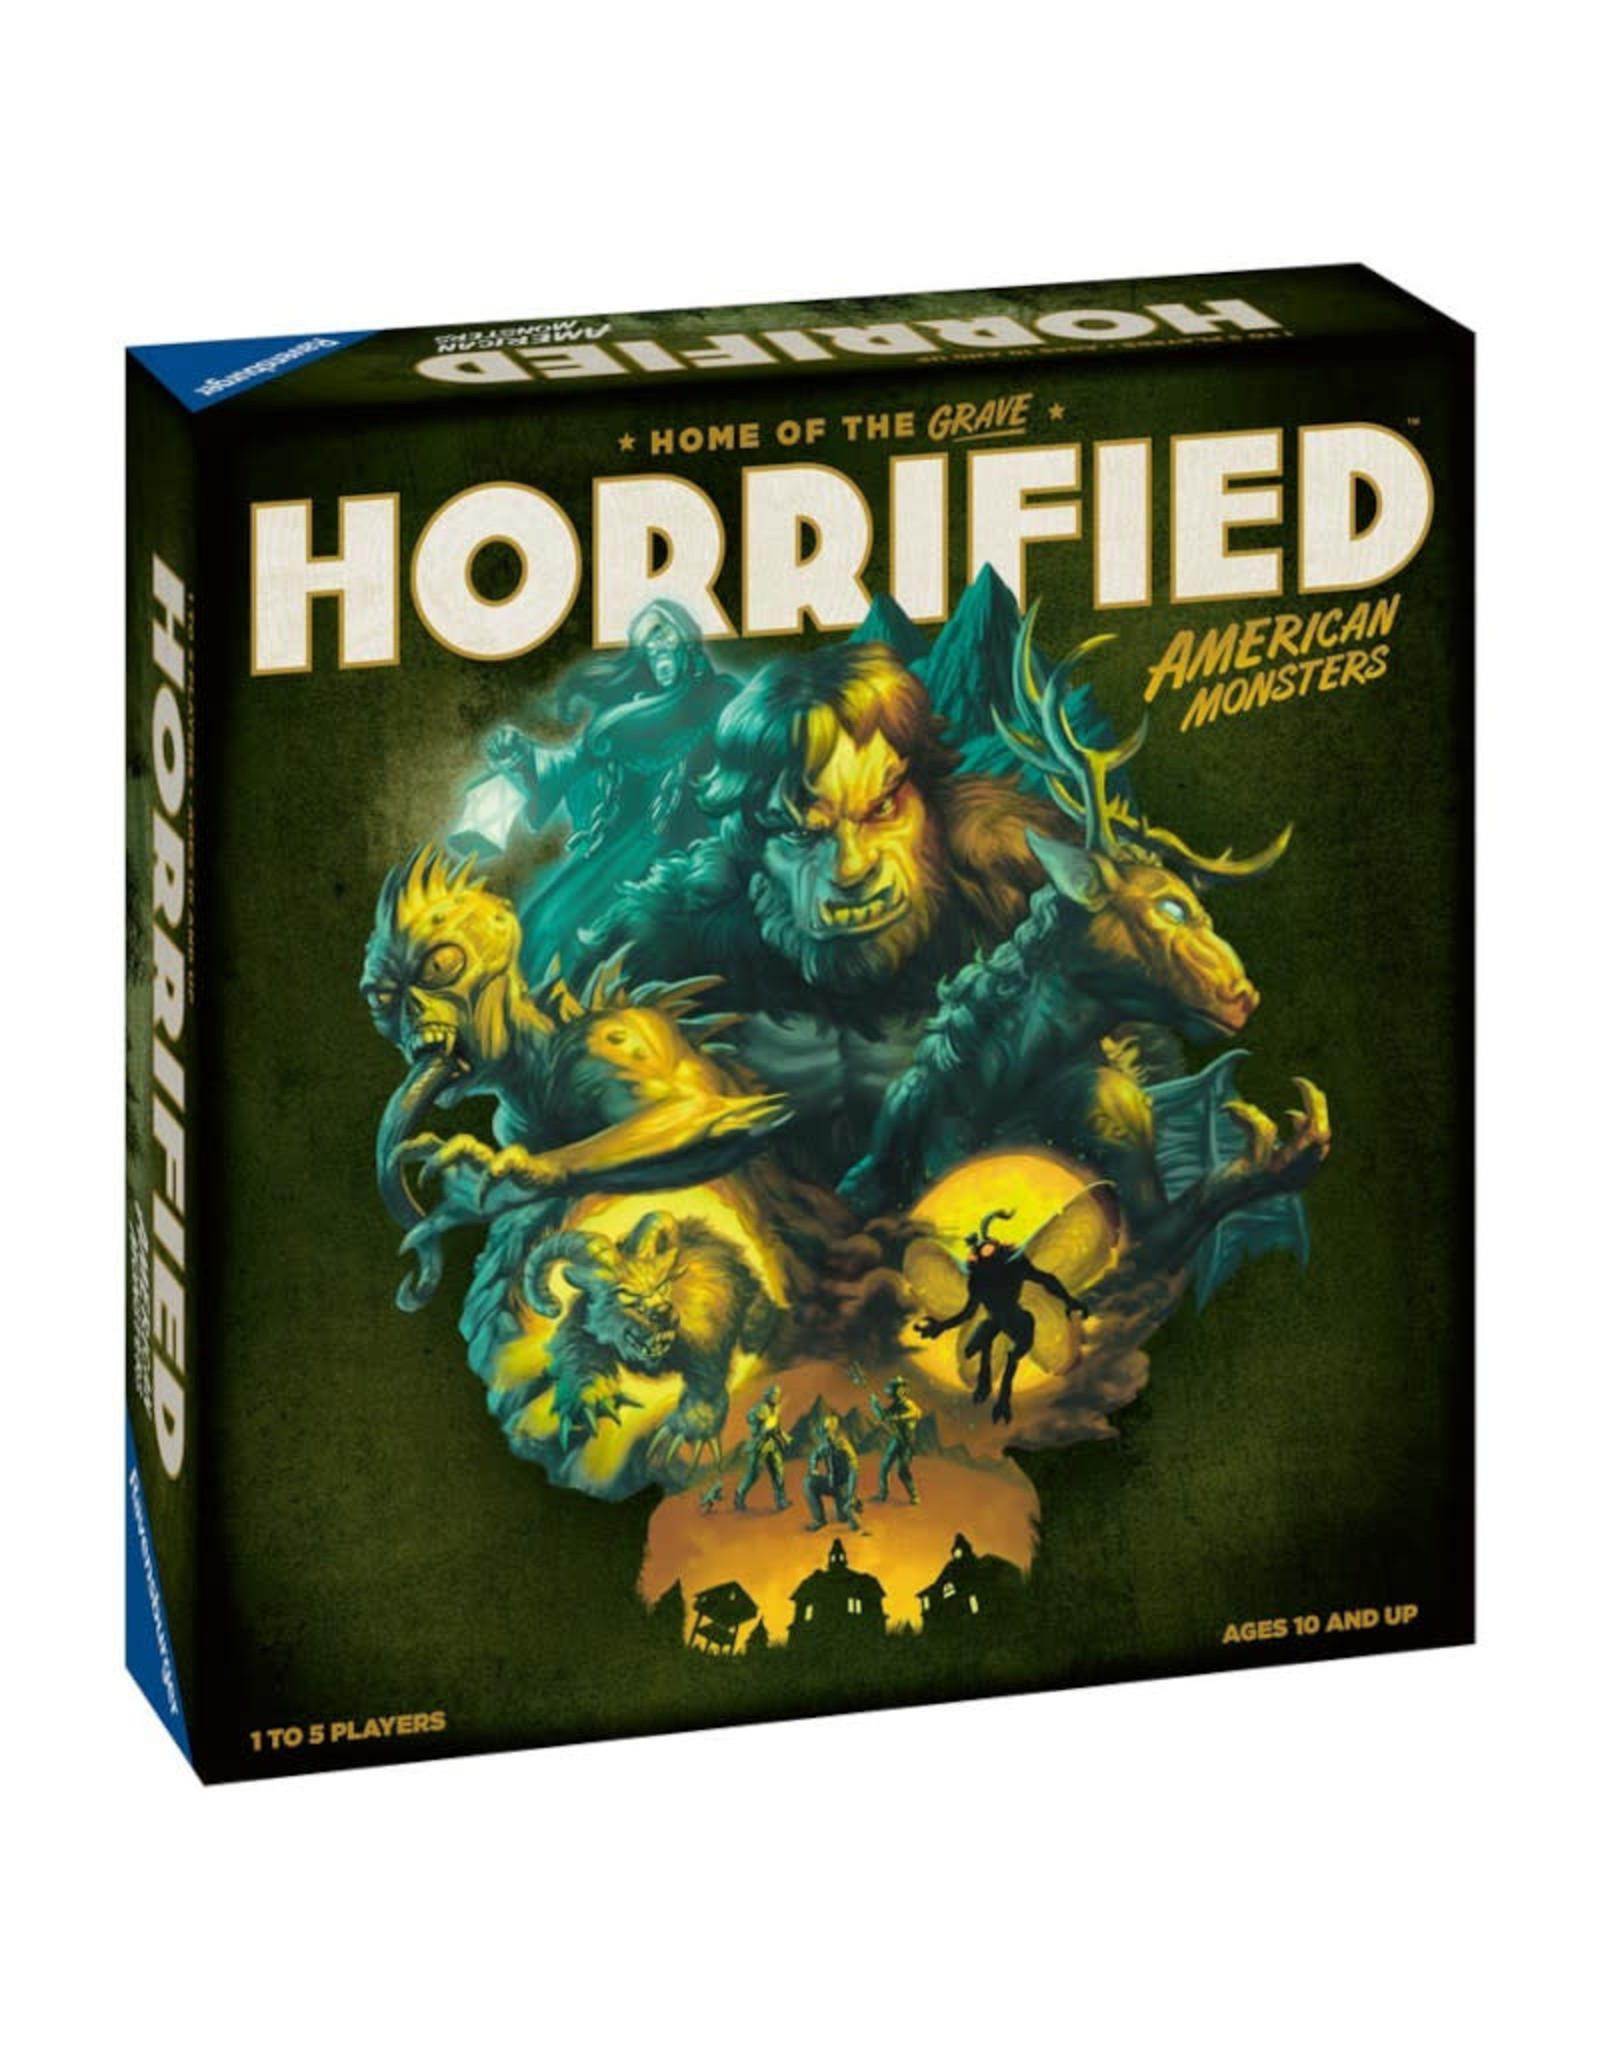 Ravensburger (November 2021 - January 2022) Horrified: American Monsters